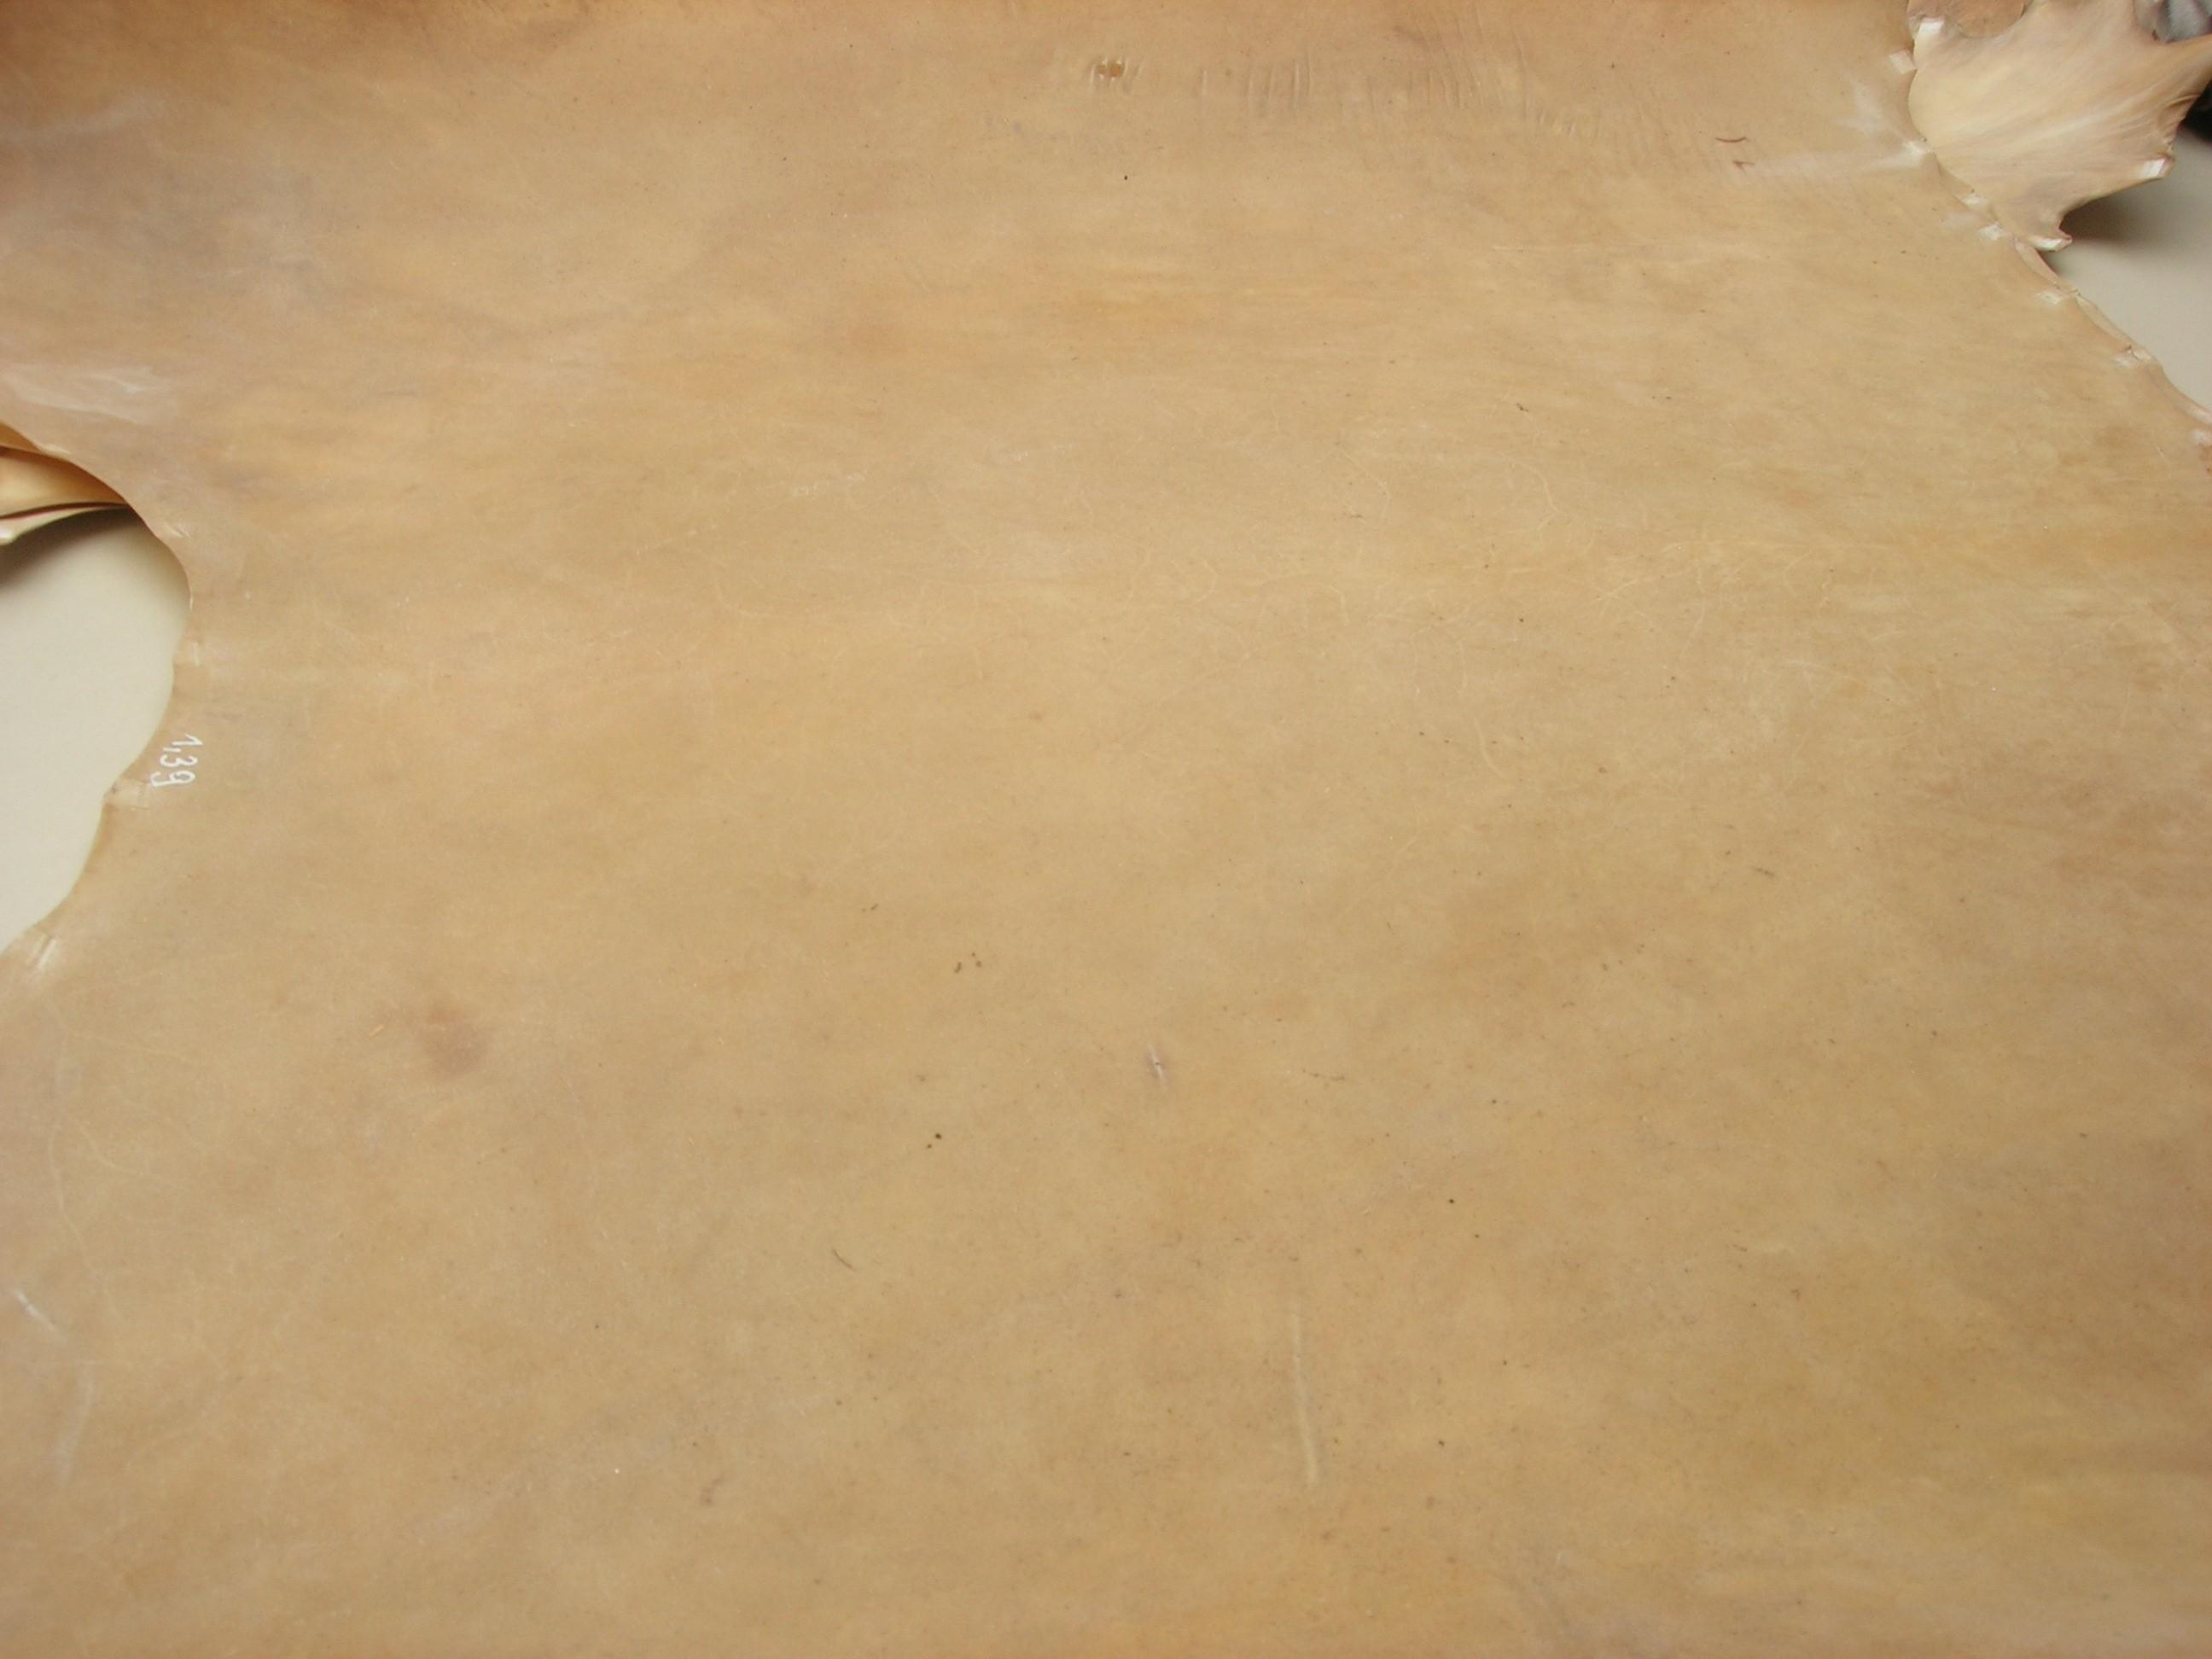 Pergament Rind Rohhaut Croupon (RPU1921)